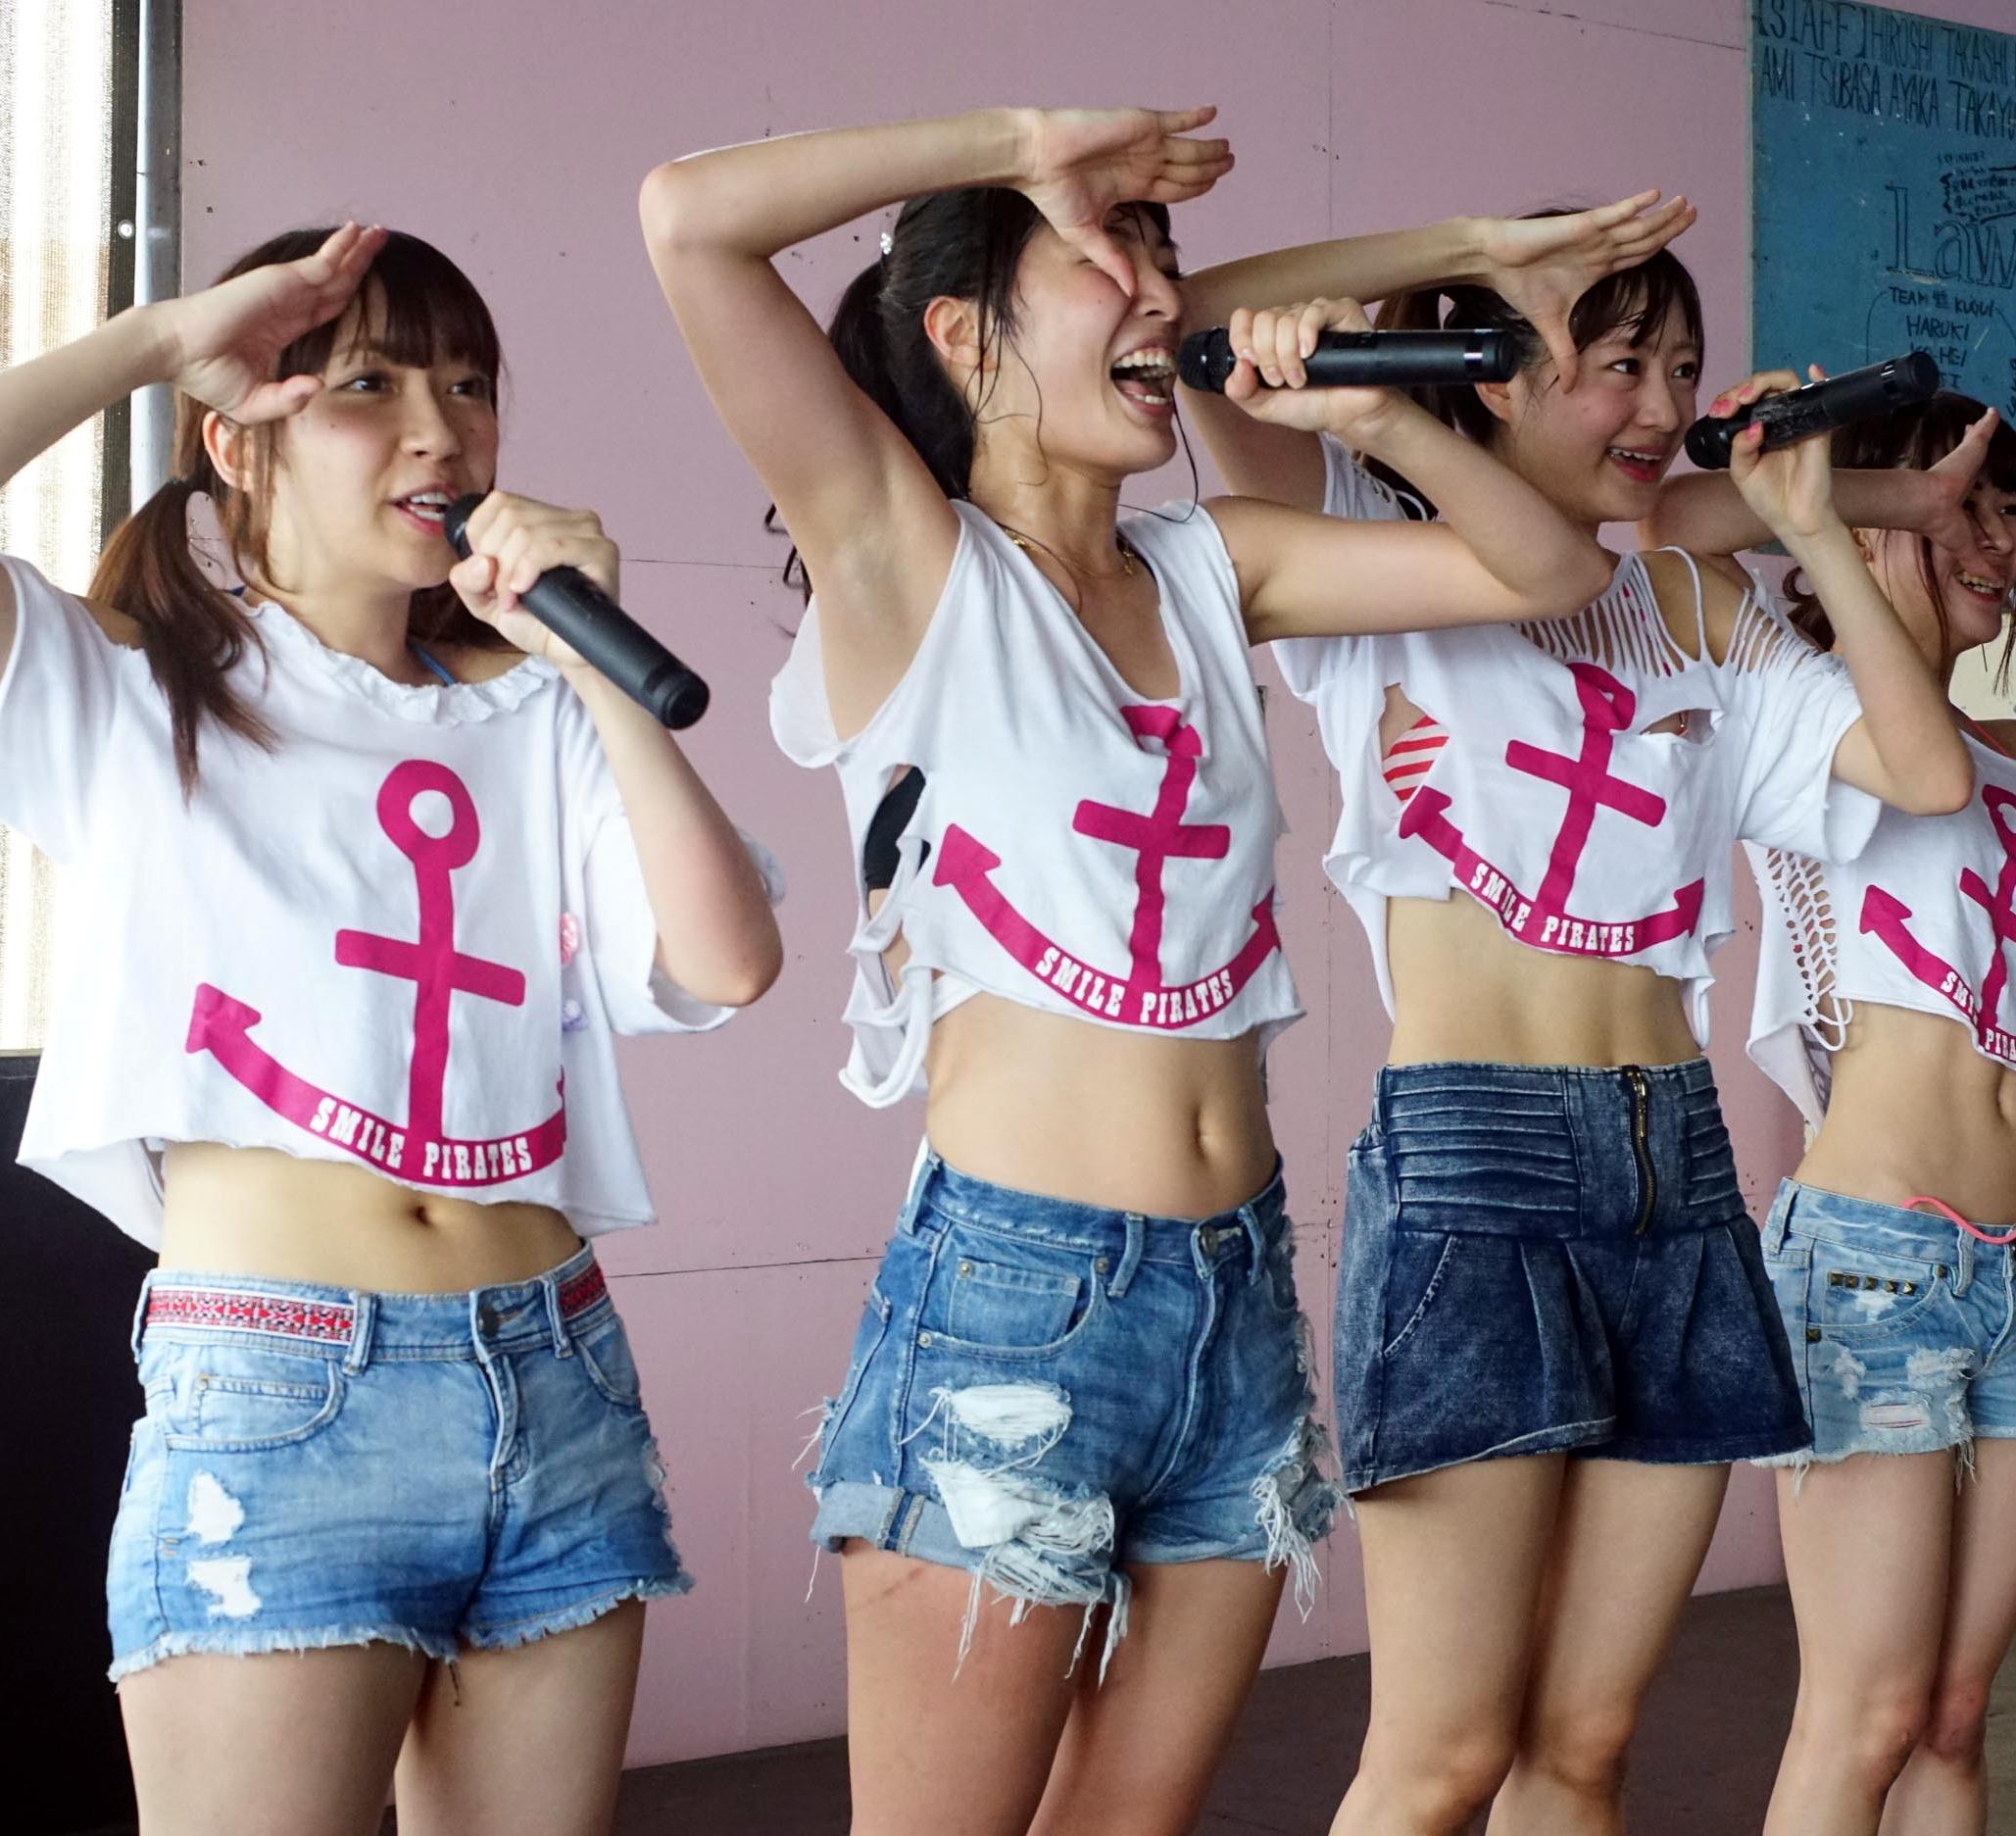 スマイル海賊団・桃花の汗蒸れ腋 (5)